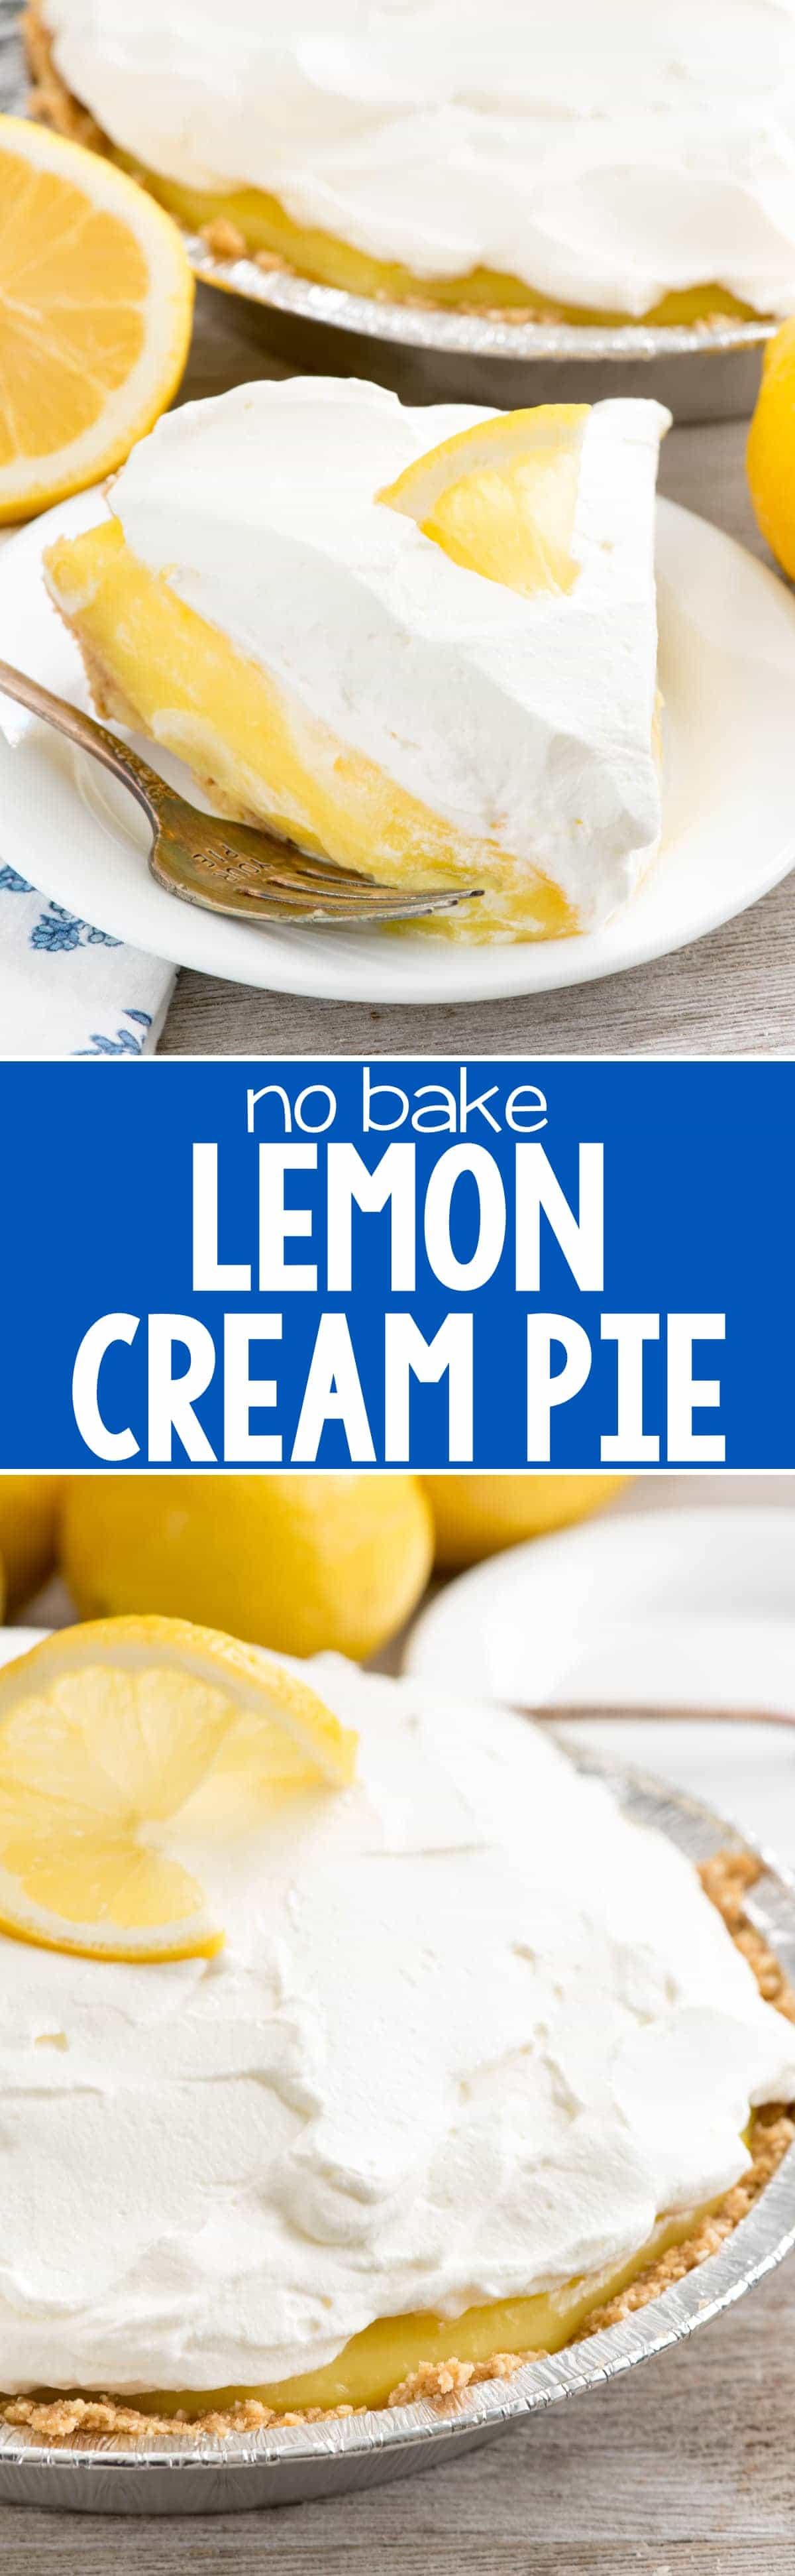 No Bake Lemon Cream Pie - Crazy for Crust